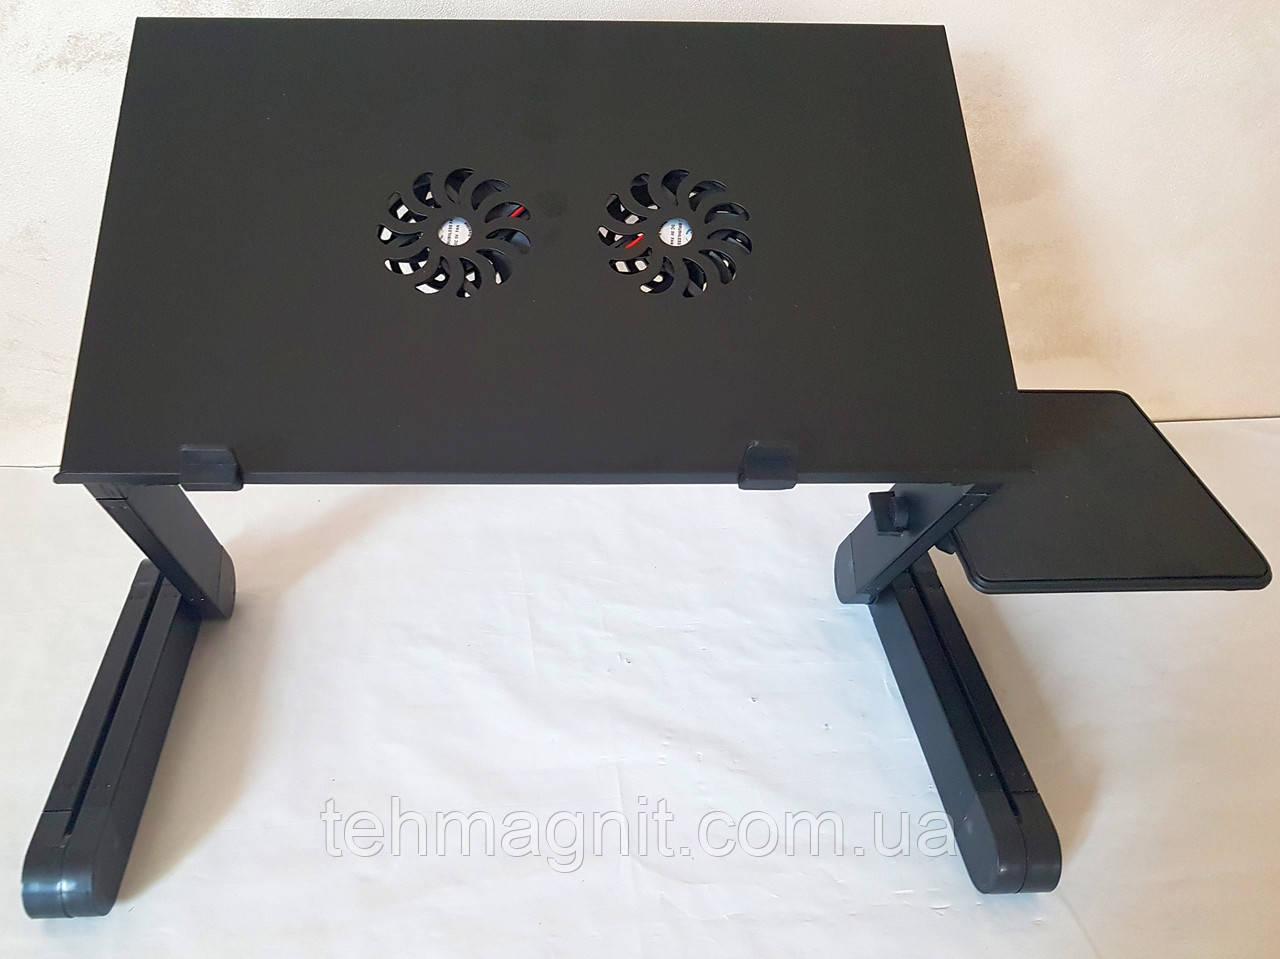 Столик трансформер для ноутбука T8 з підставкою для мишки